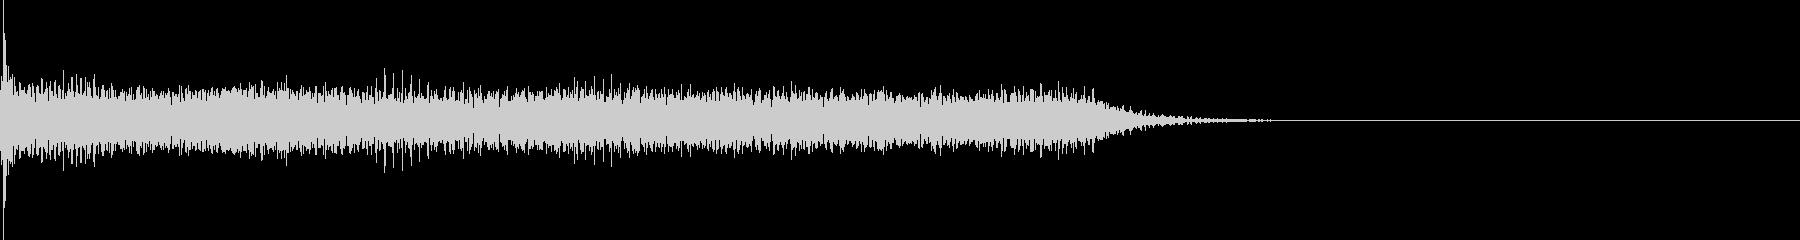 ガーンというピアノの音の未再生の波形